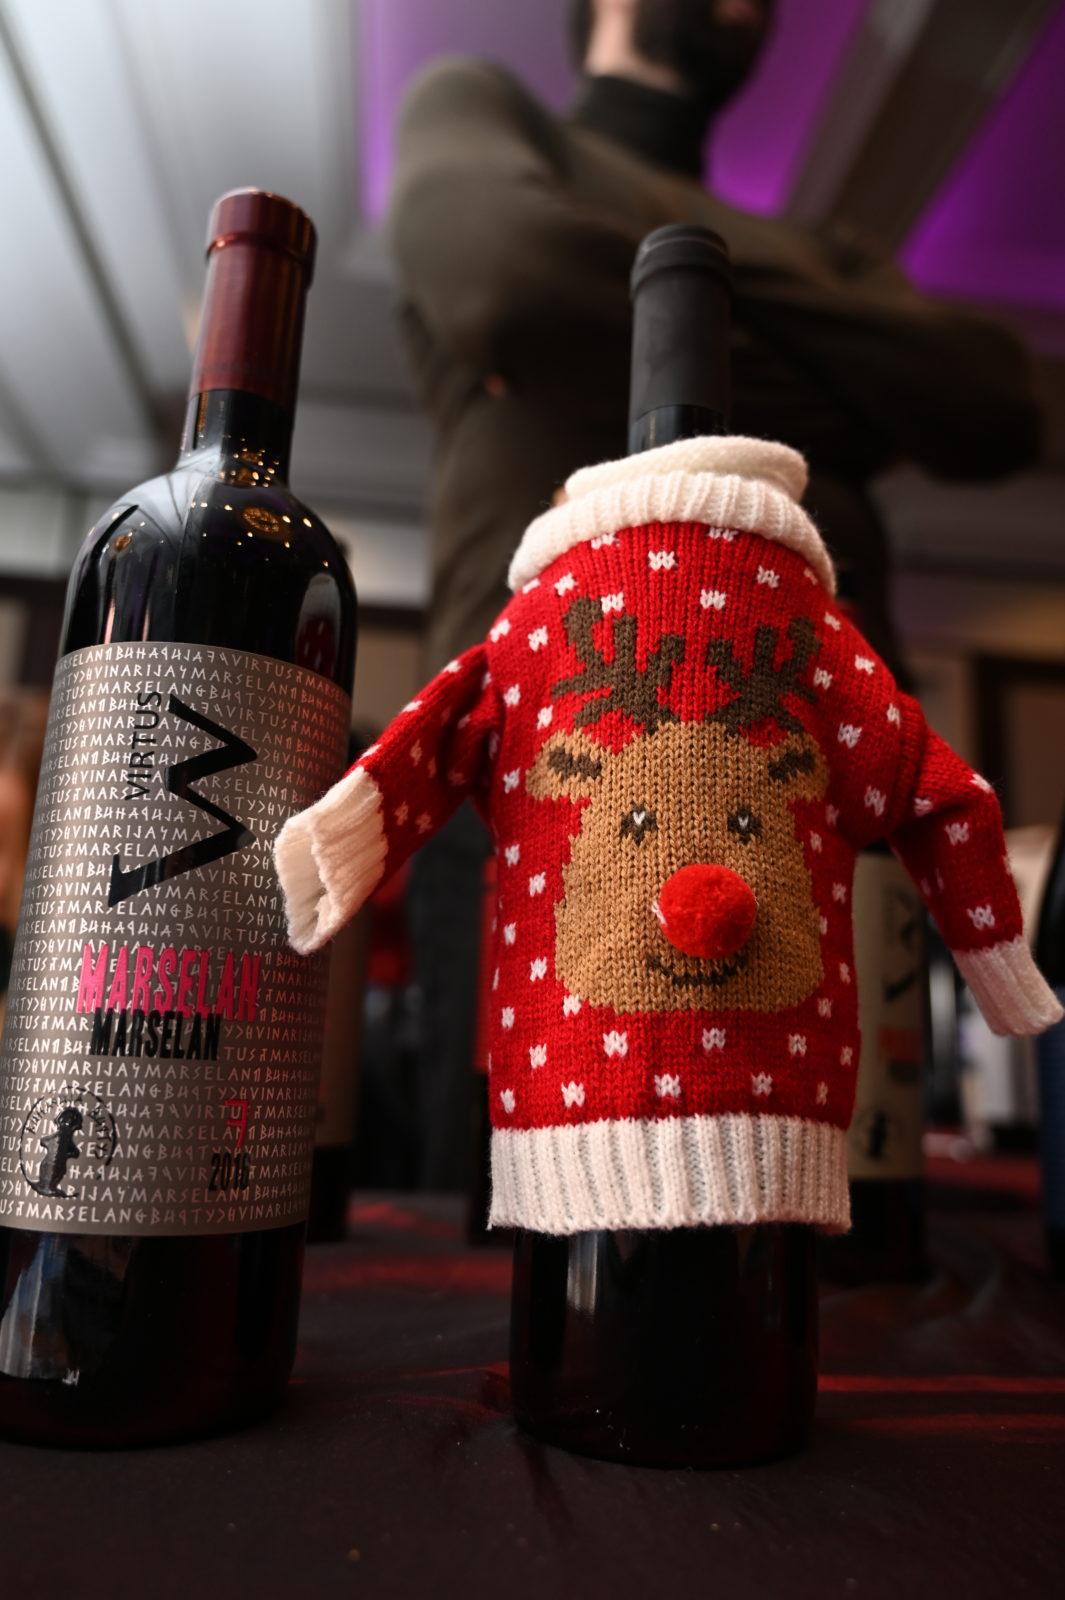 Vinska 2019. godina - Šta je obeležilo vinsku 2019 godinu